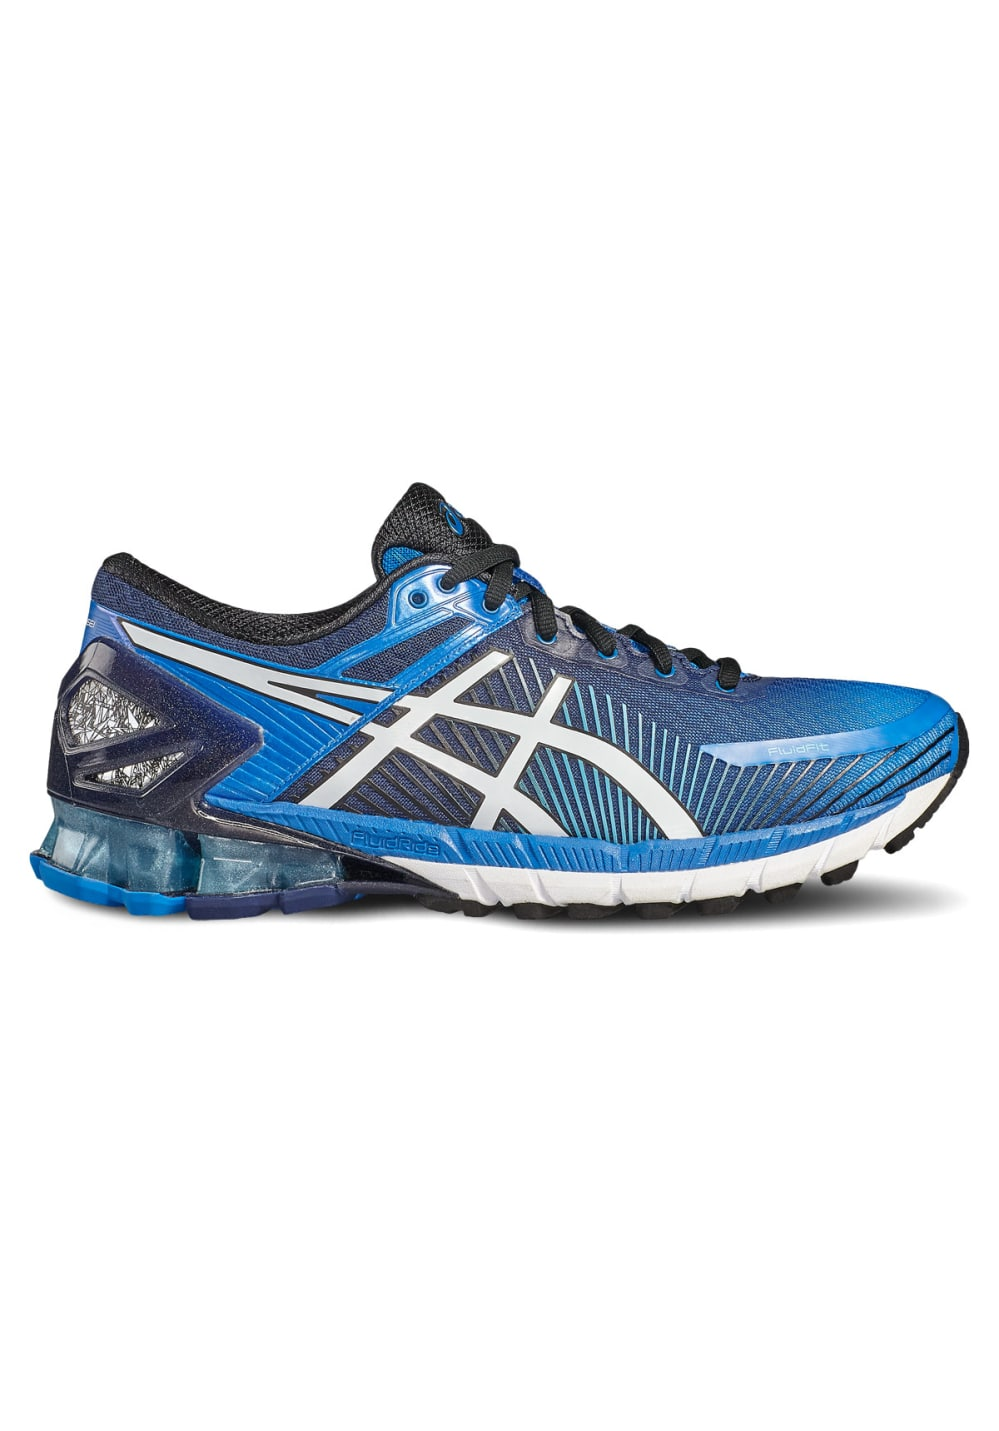 giày chạy - thương hiệu asics - giày thể thao - nam giới - elle man